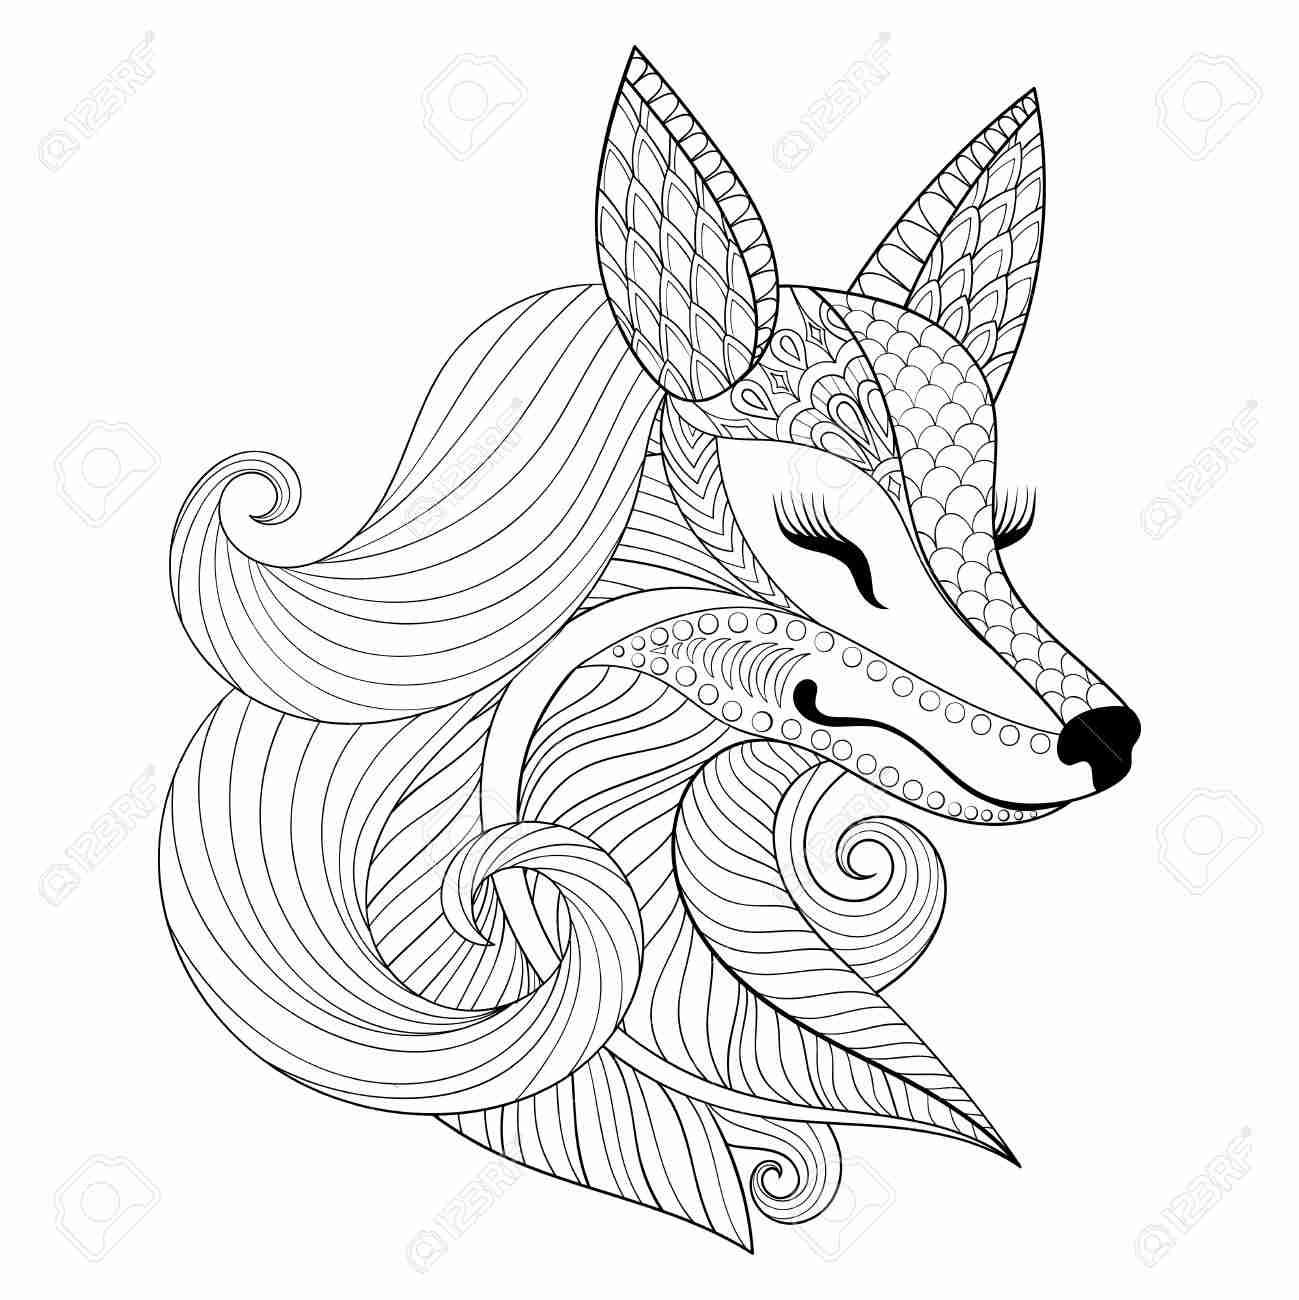 1299x1300 Pages Fennec Fox Doodle